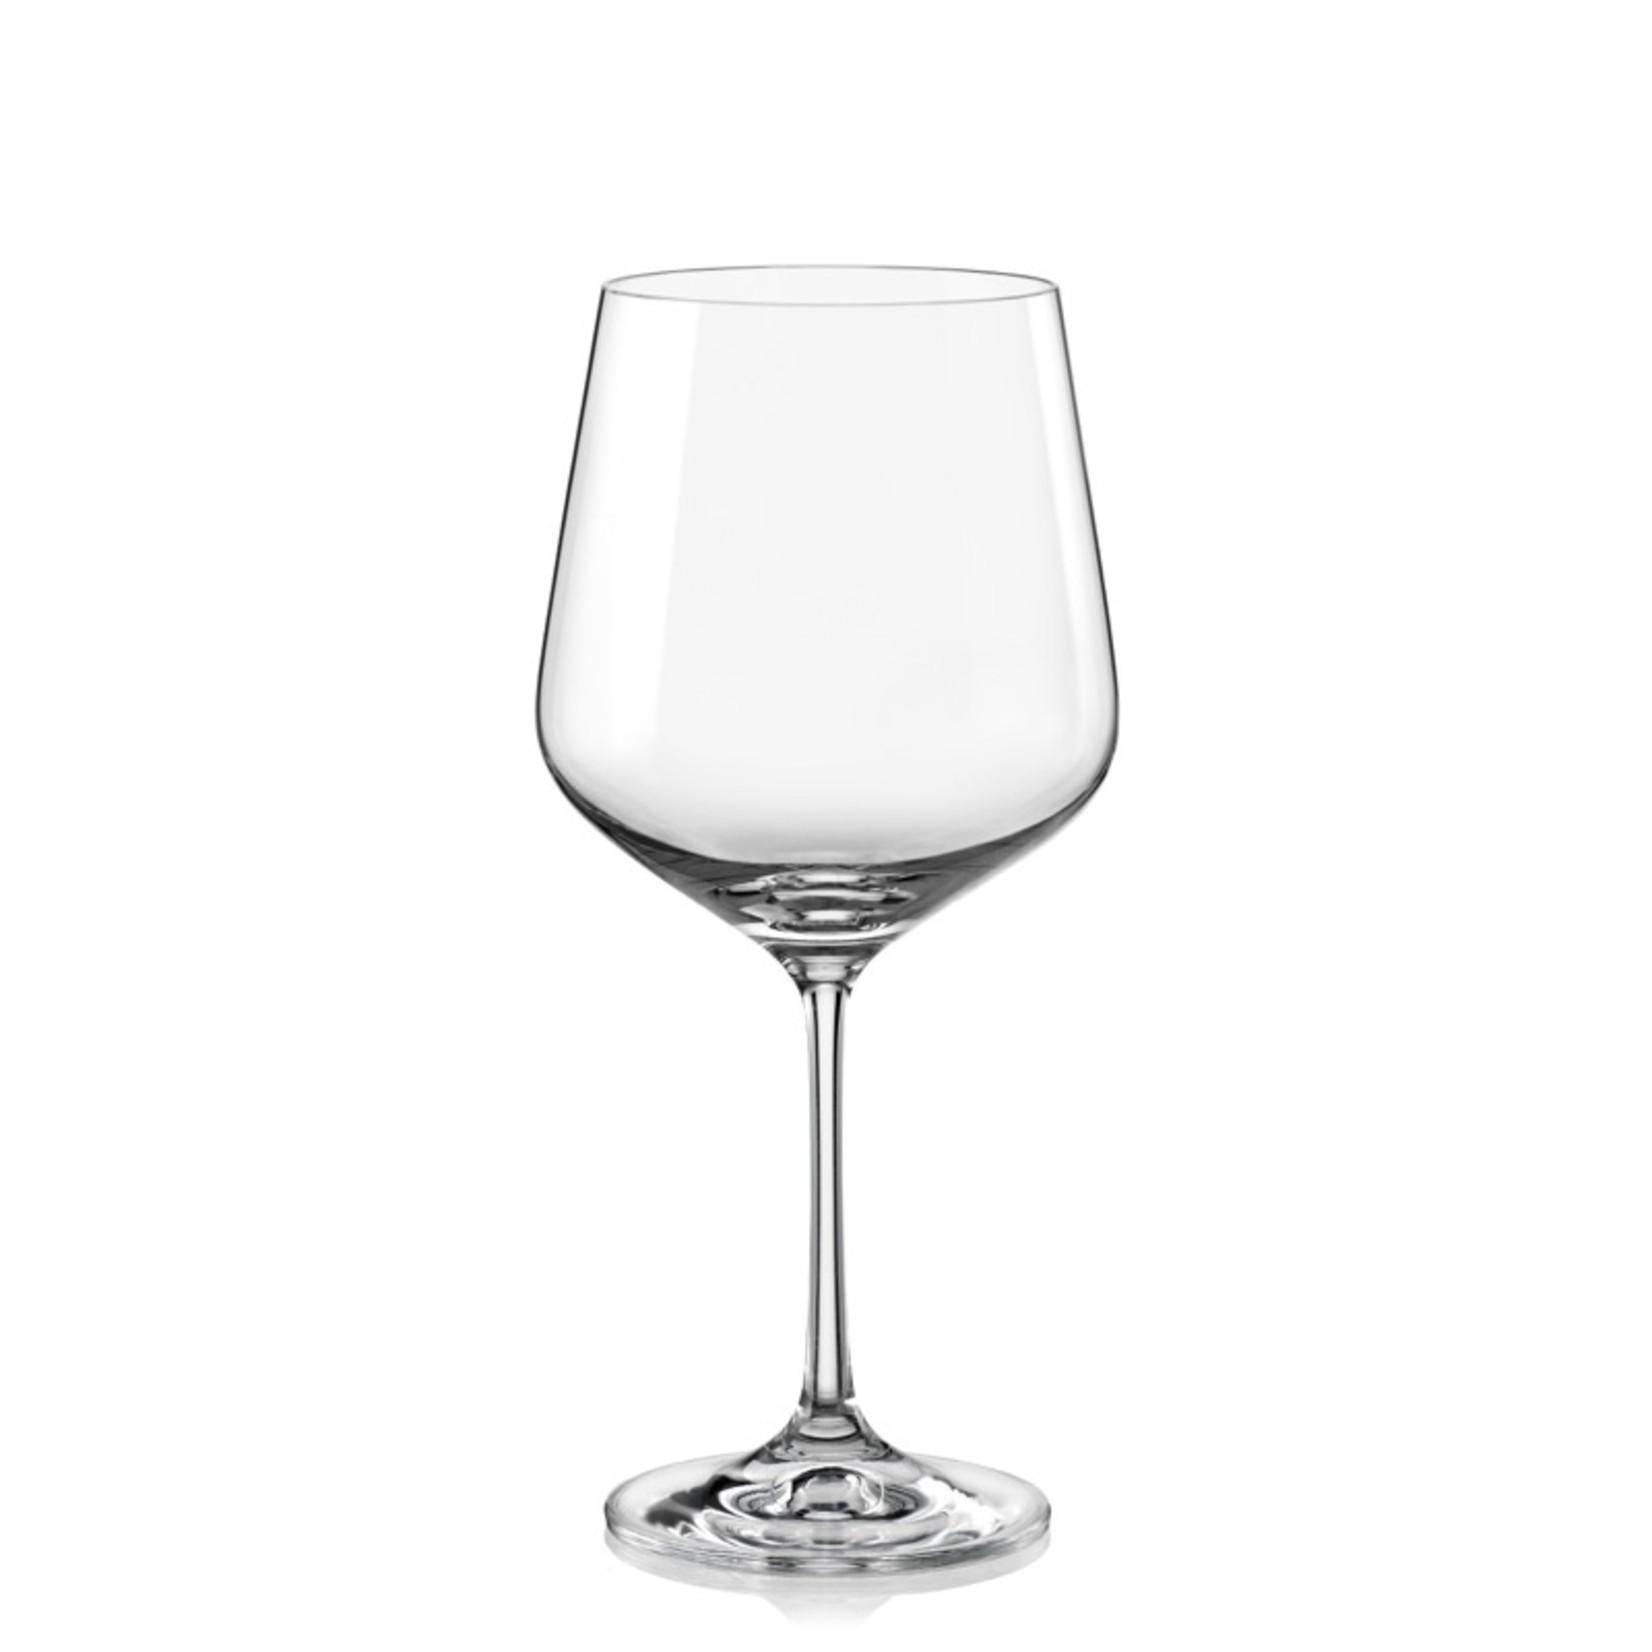 Crystalex Kristallen wijnglas Sandra 570ml /6st